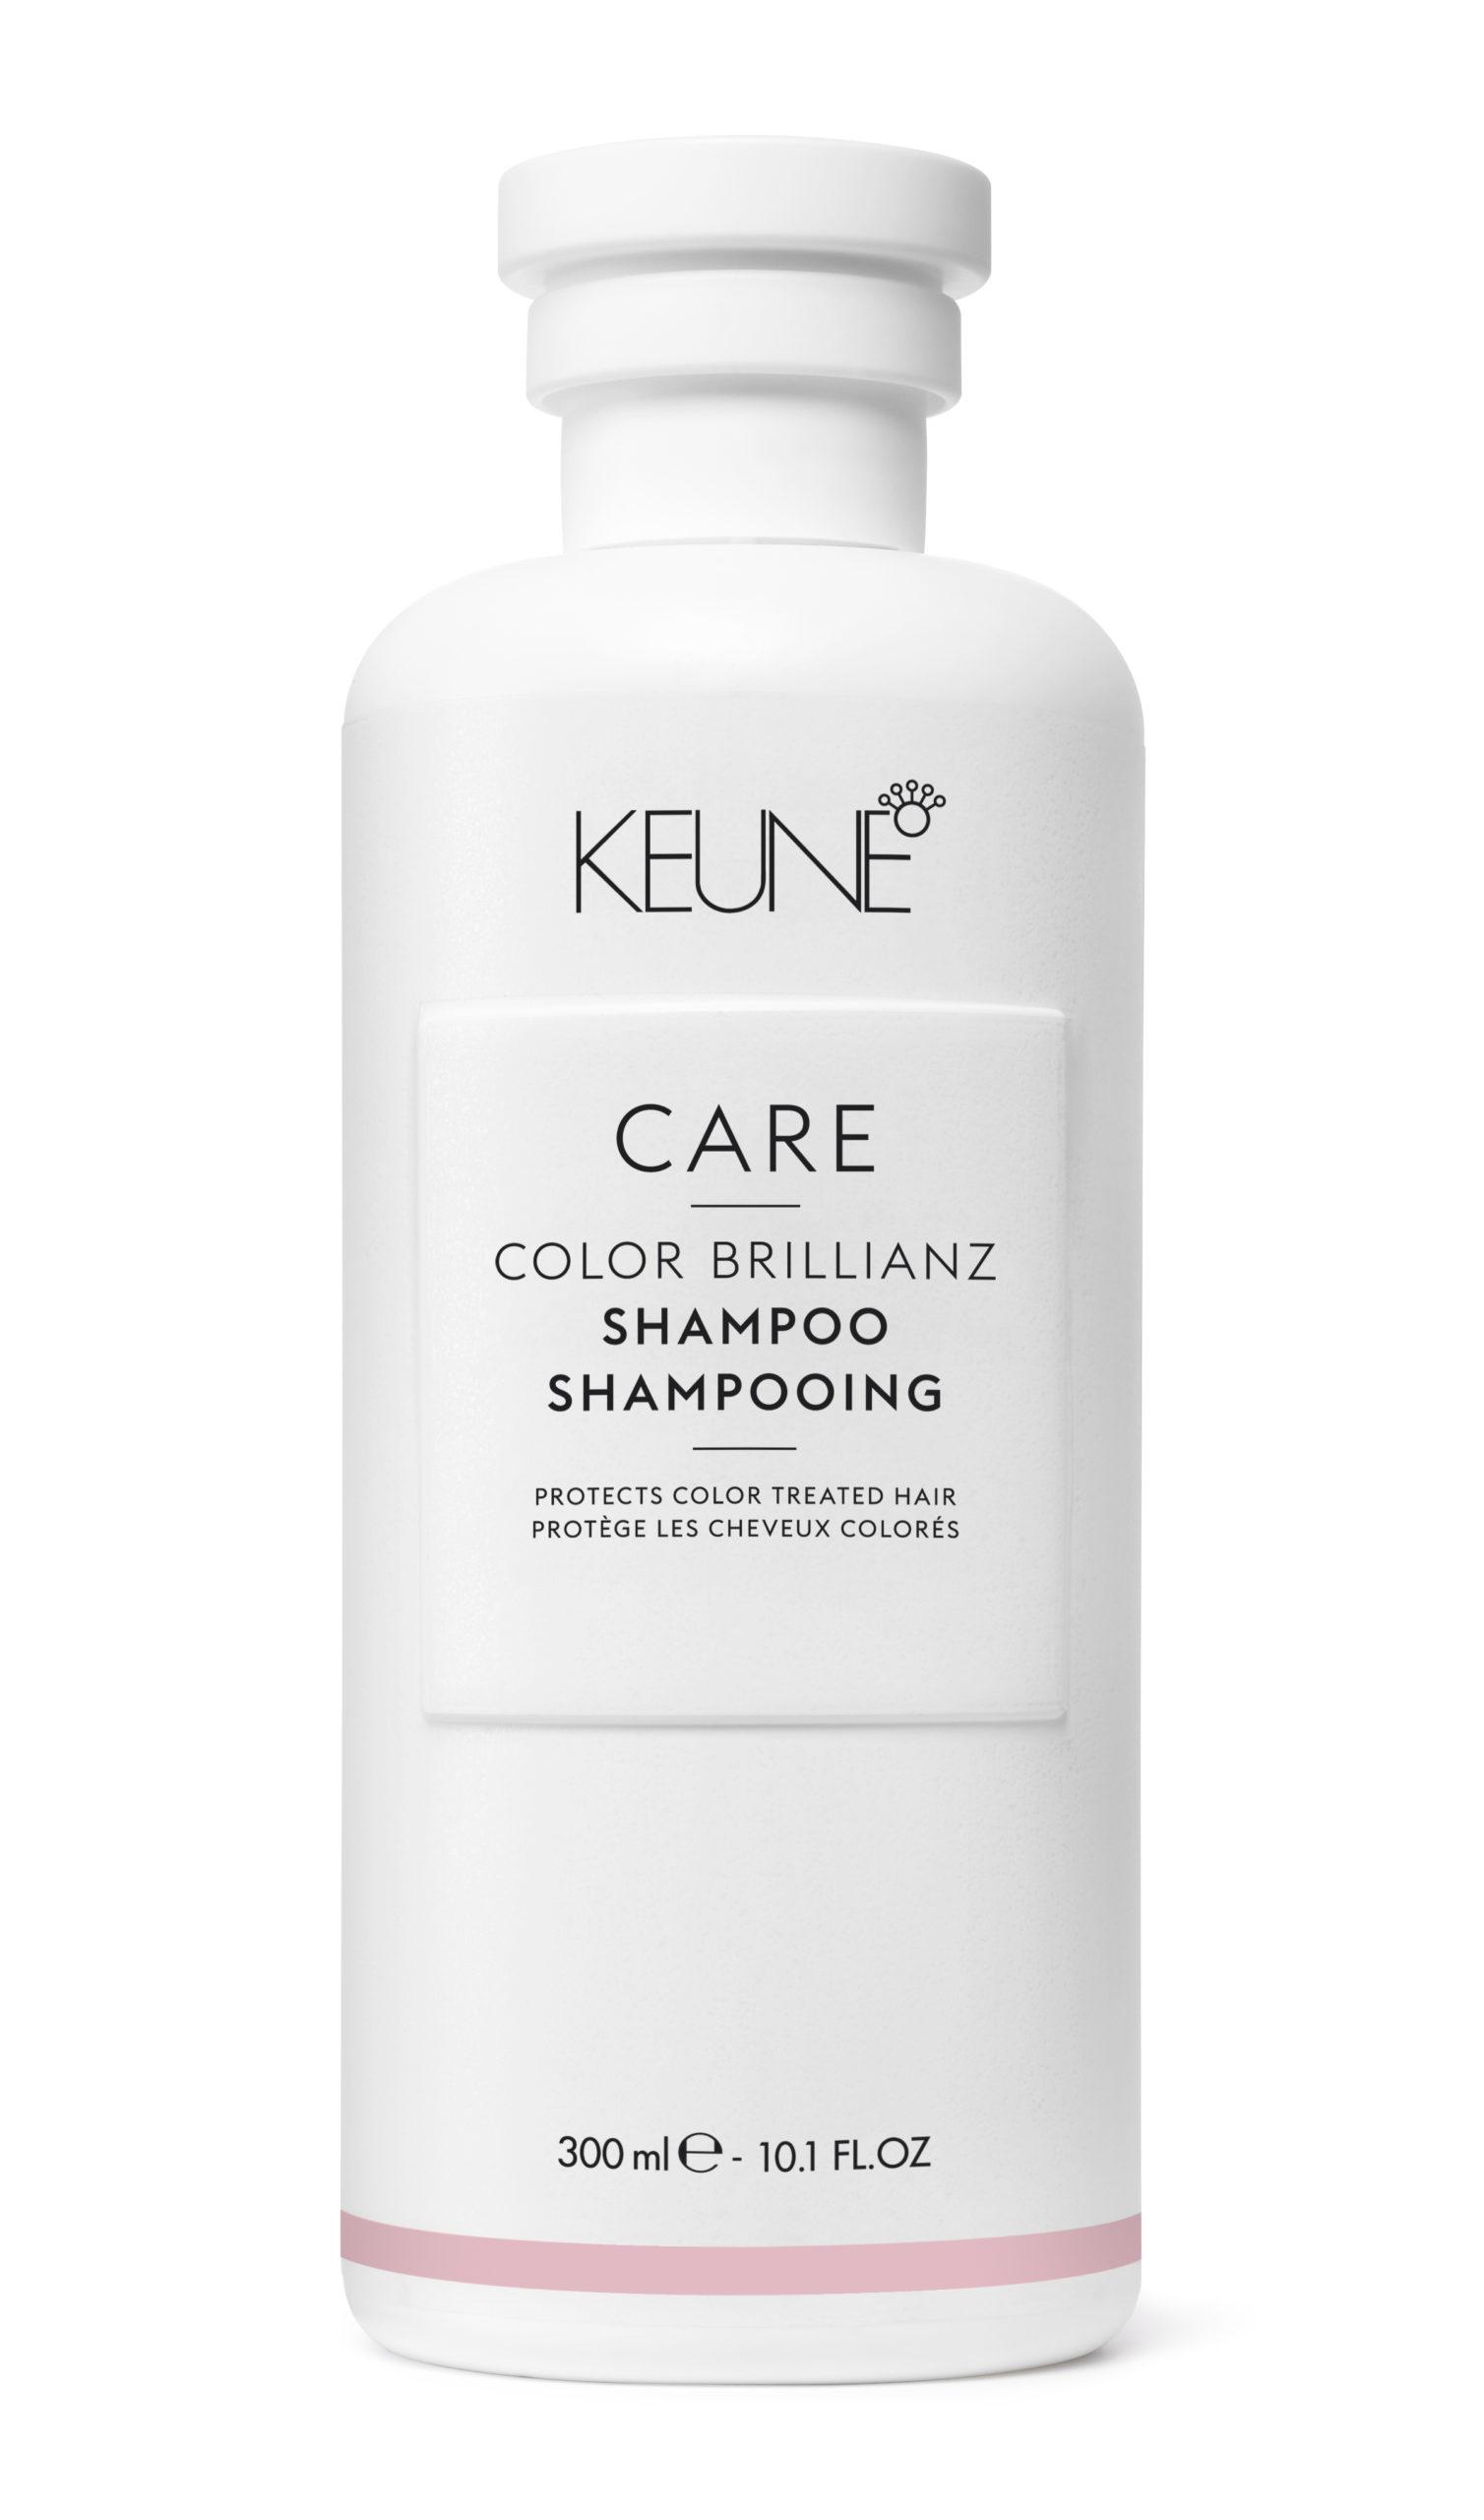 Care-Color-Brillianz-Shampoo-300ml-highres